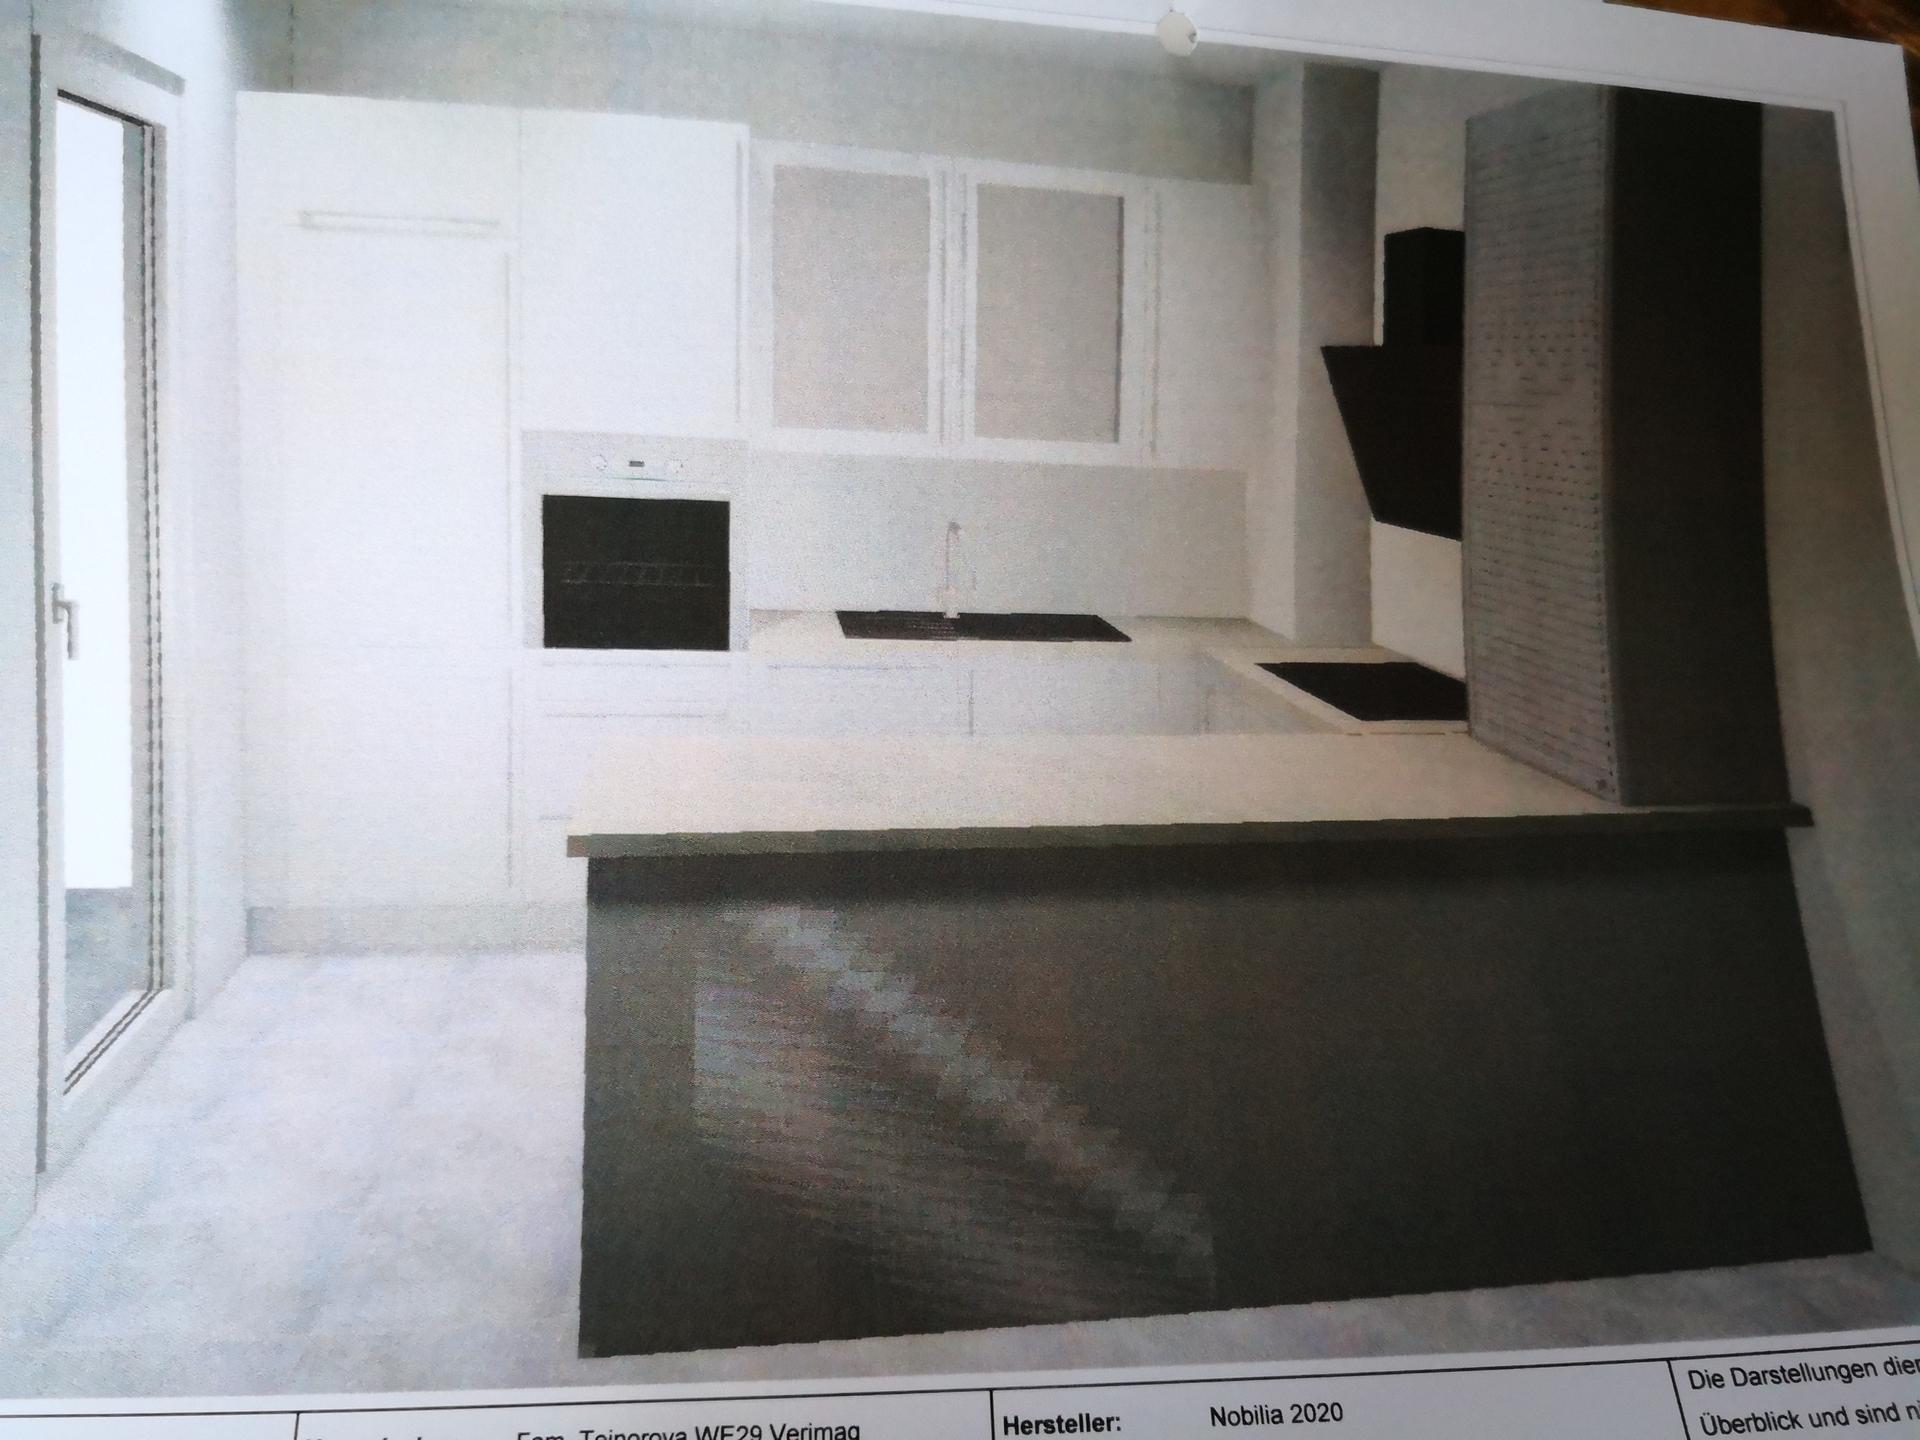 Náš nový byt v novostavbě - Obrázek č. 13